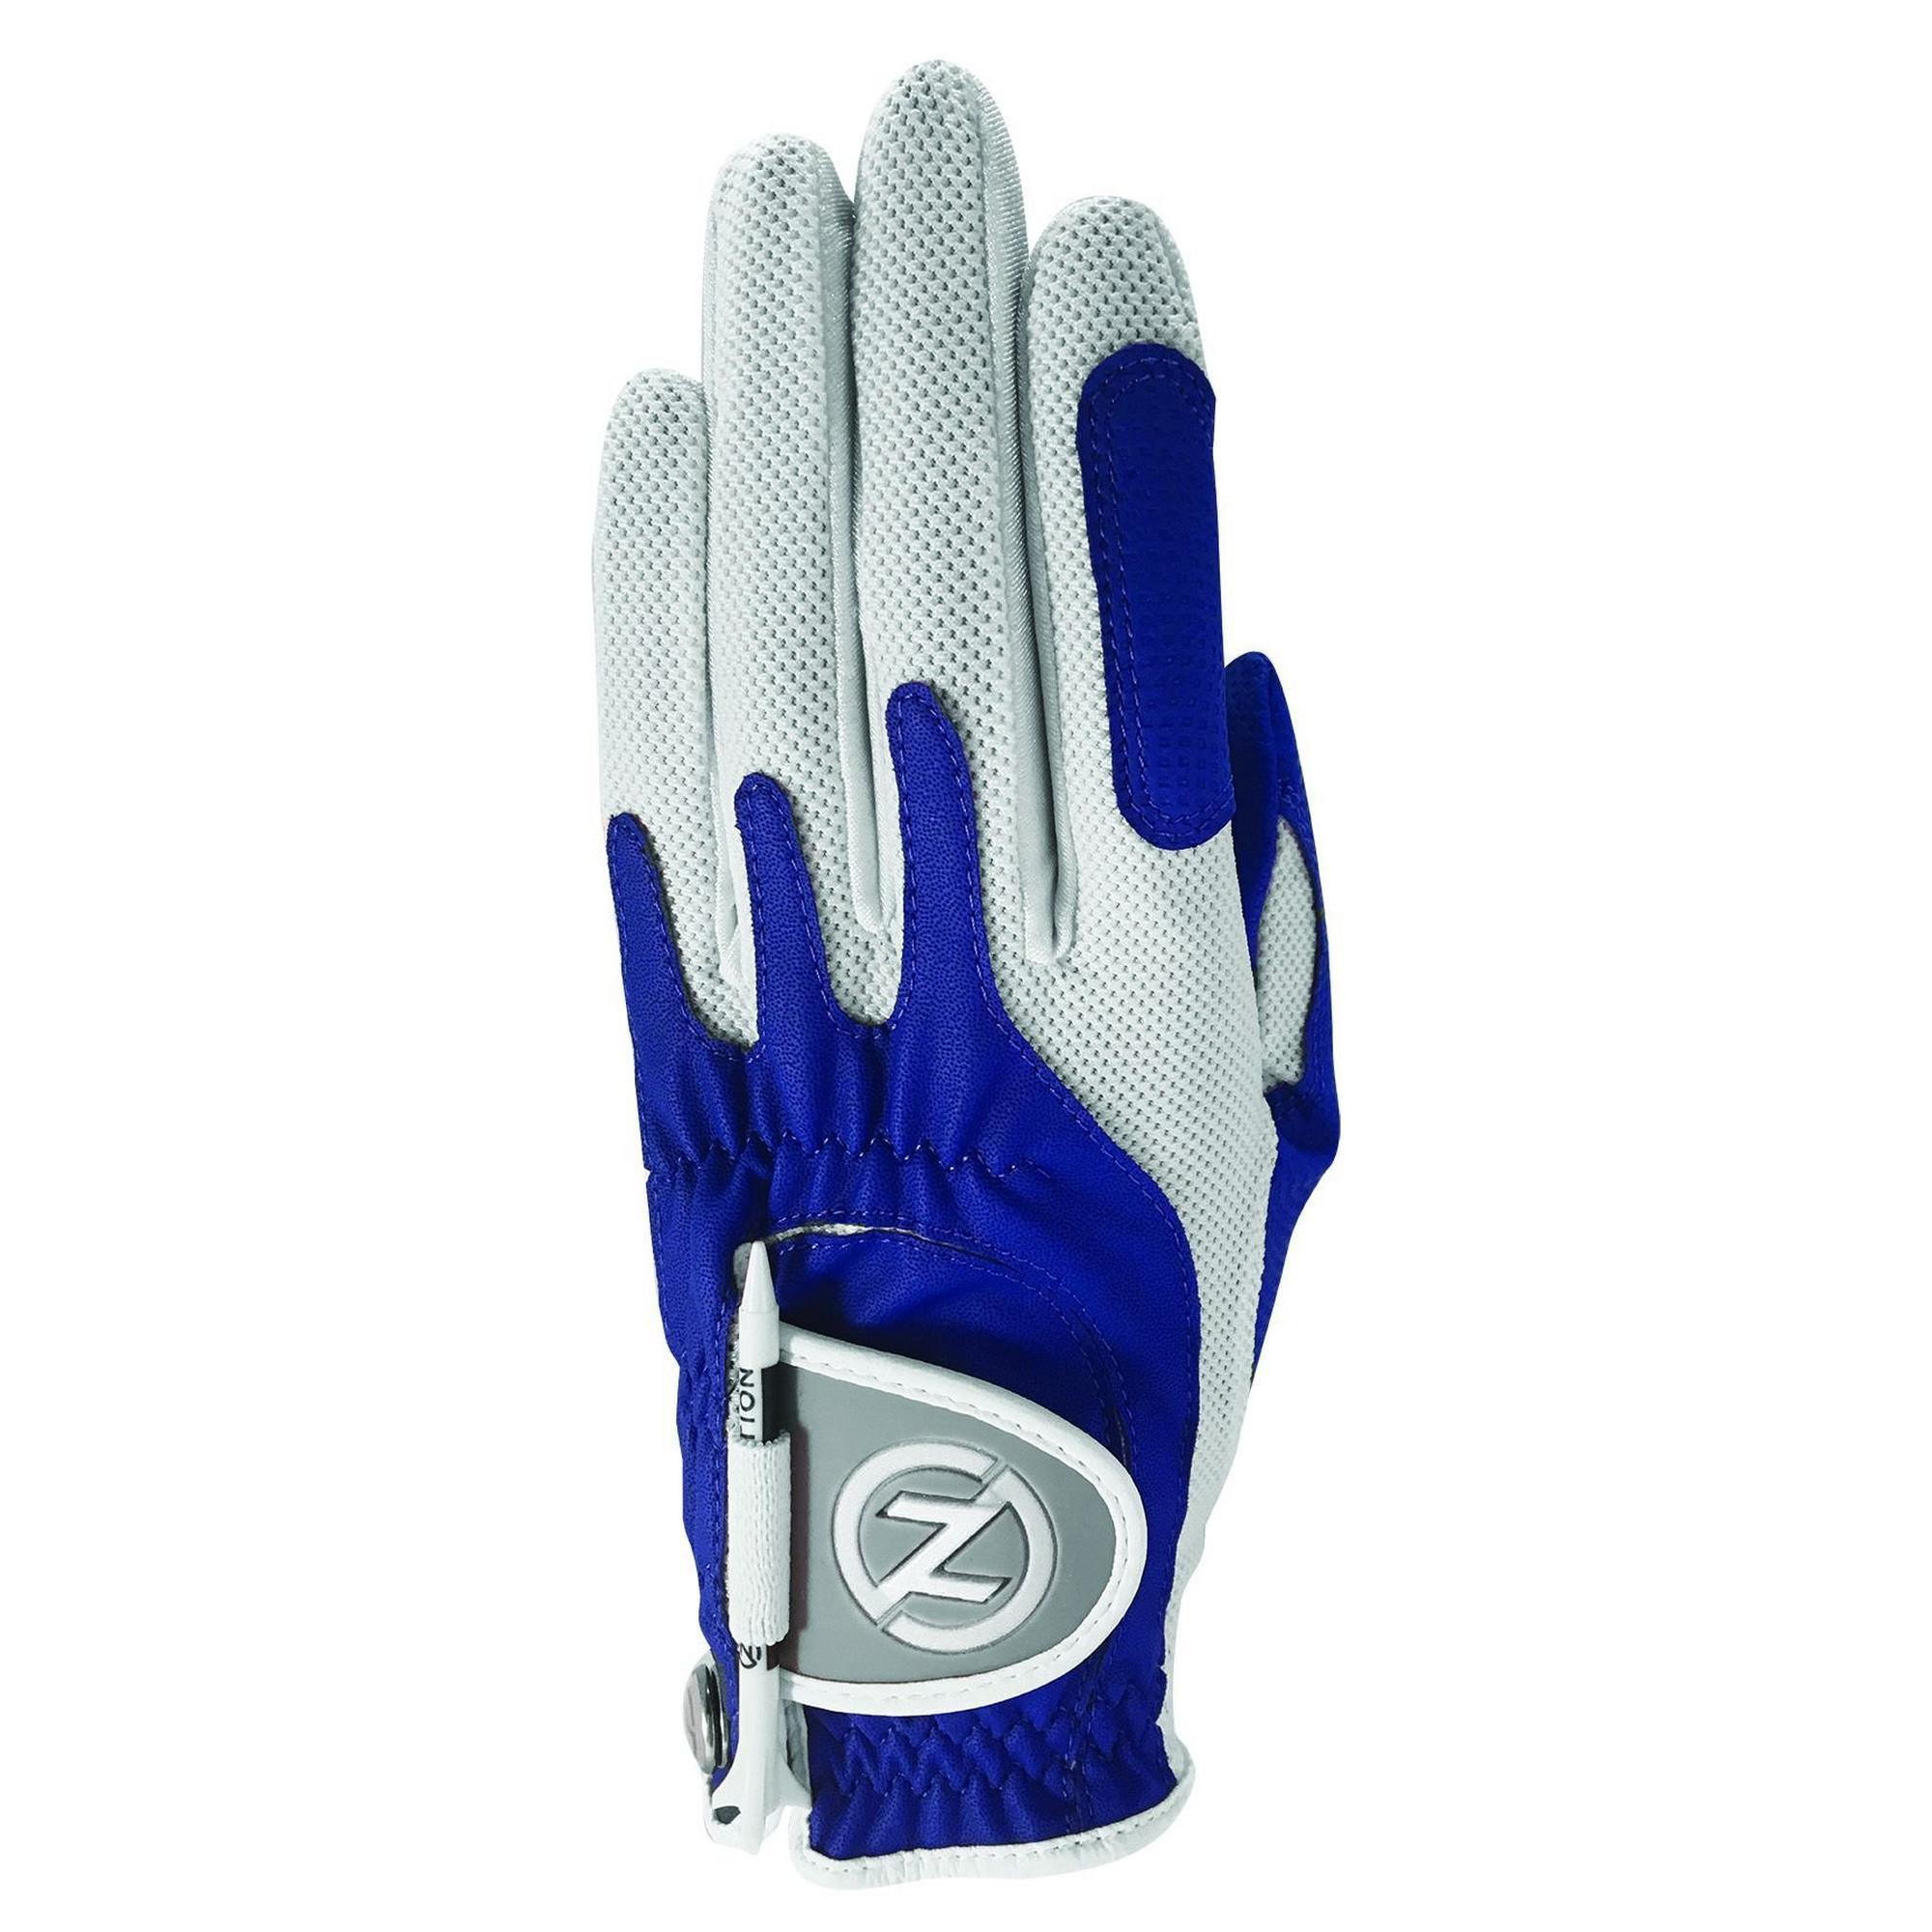 Women's Compression Golf Glove - LRH